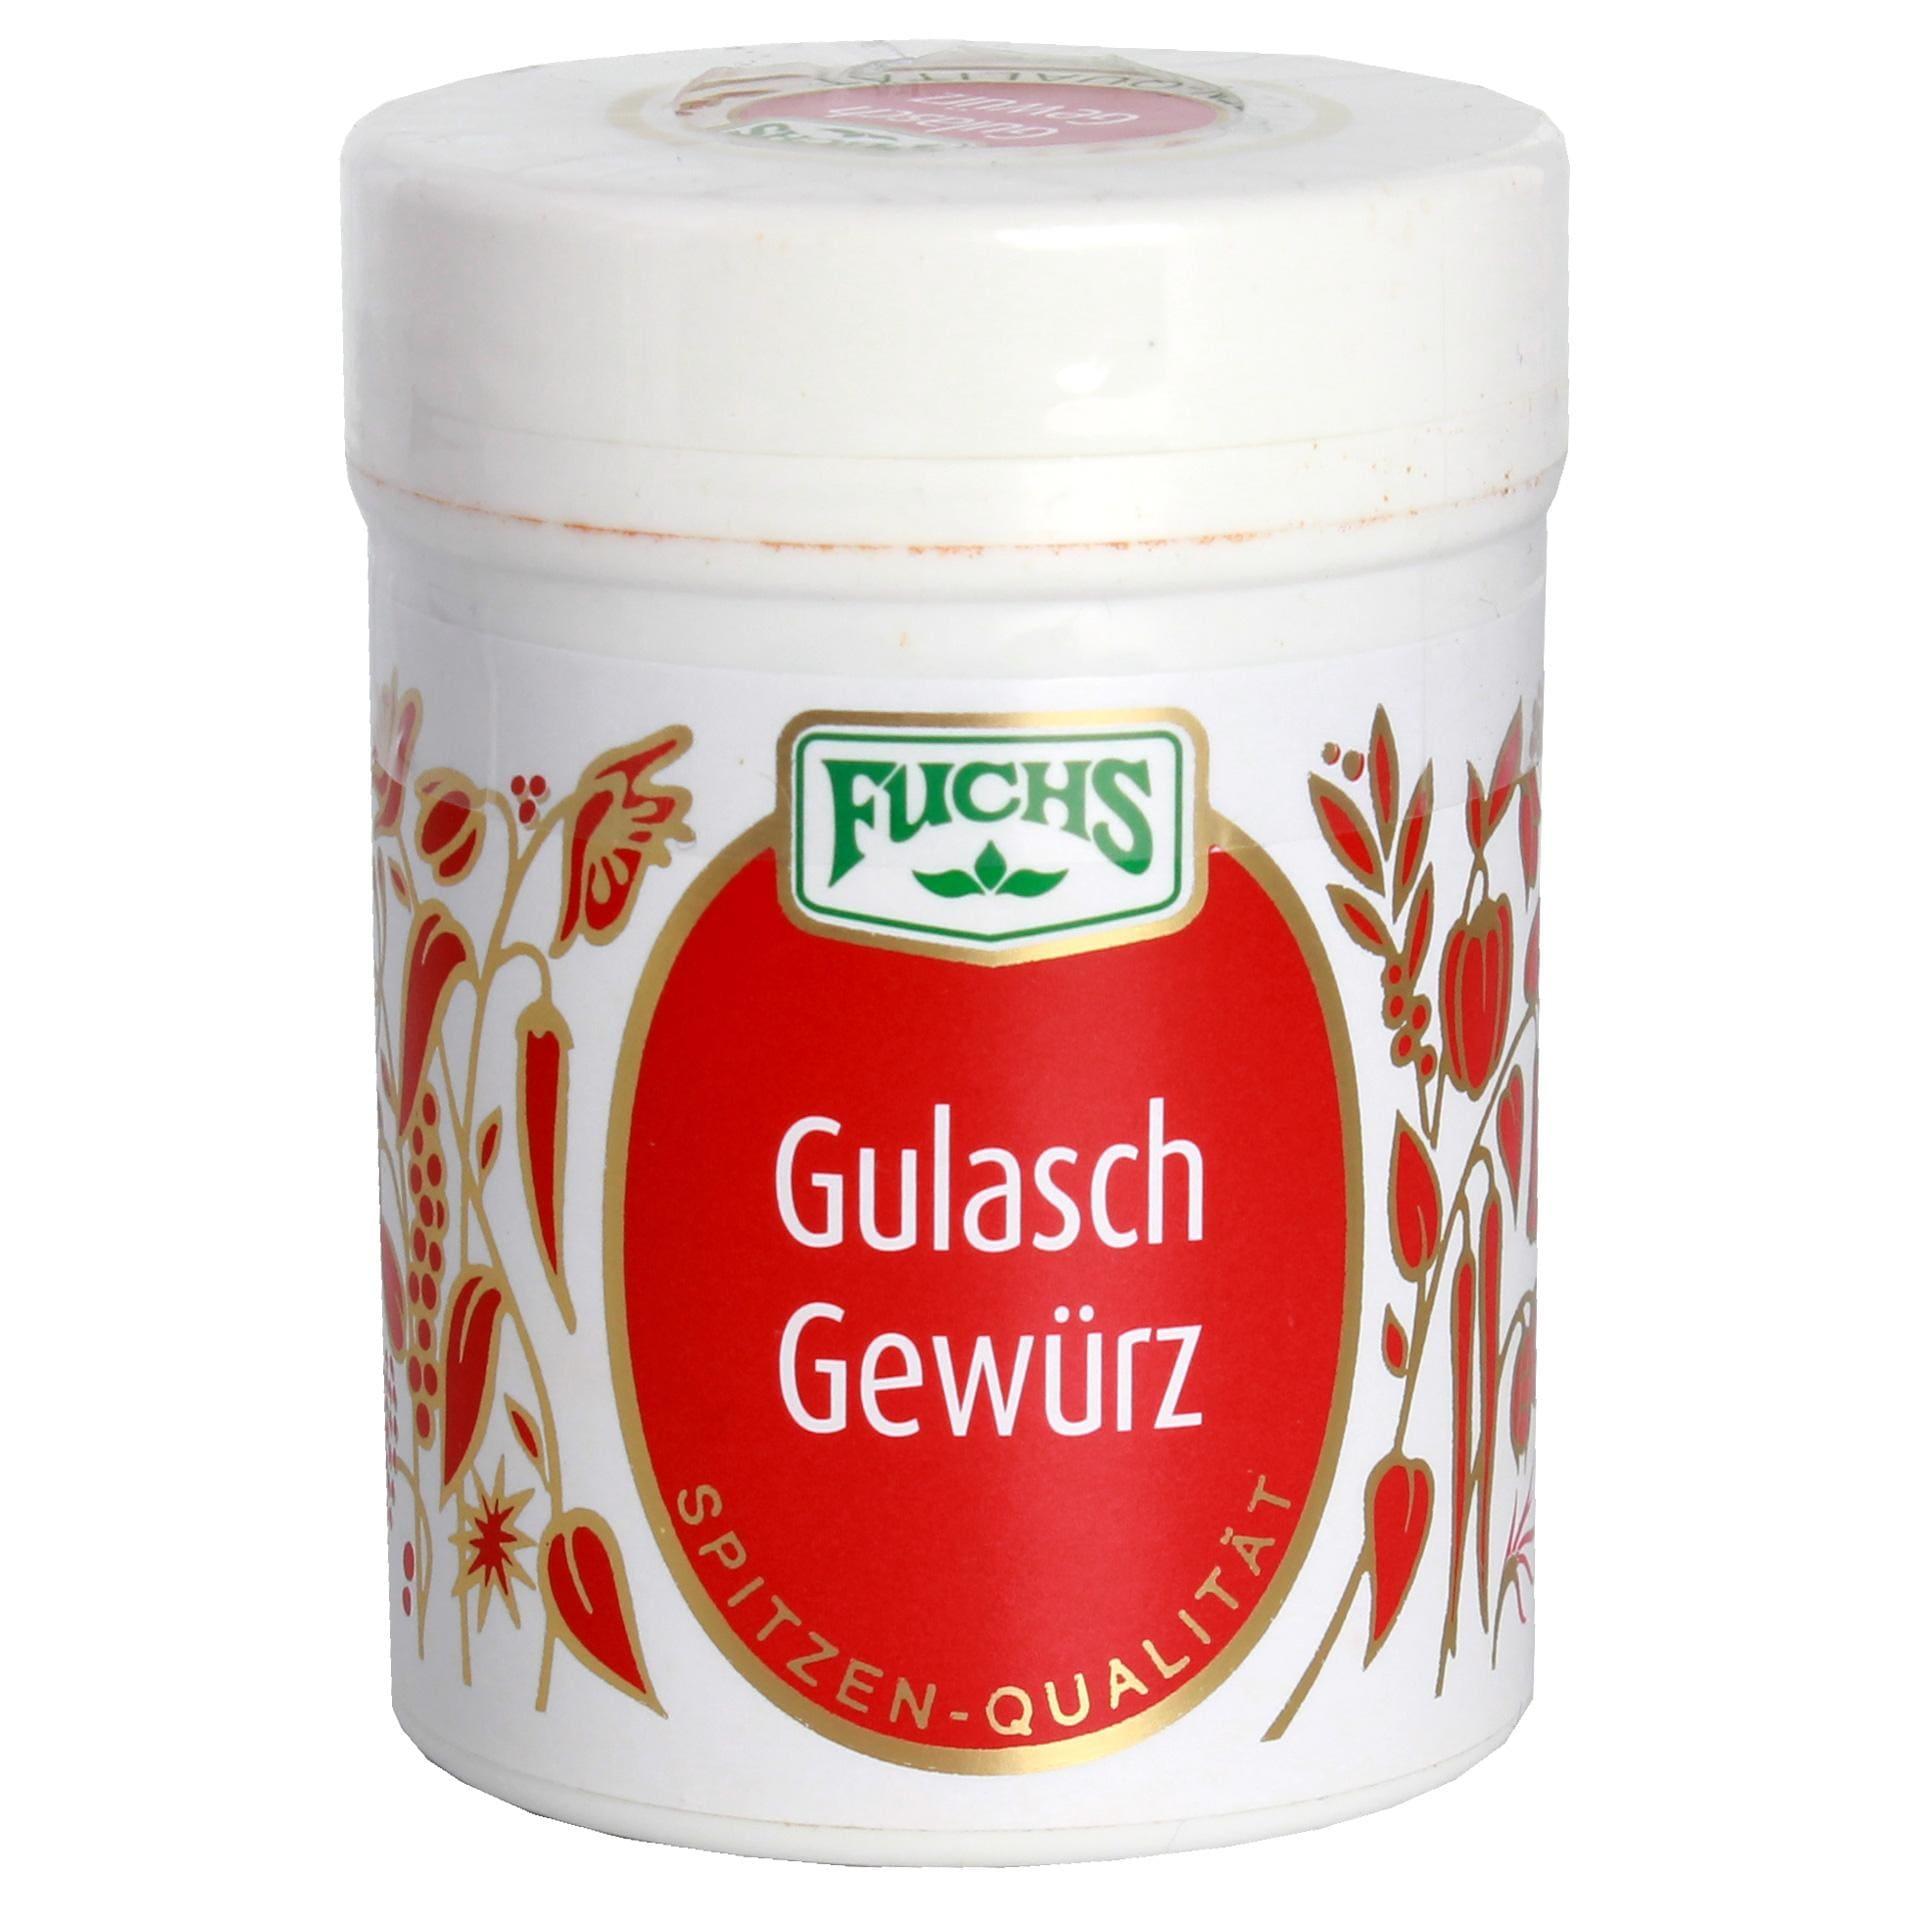 Fuchs - Gulasch Gewürz - 60g